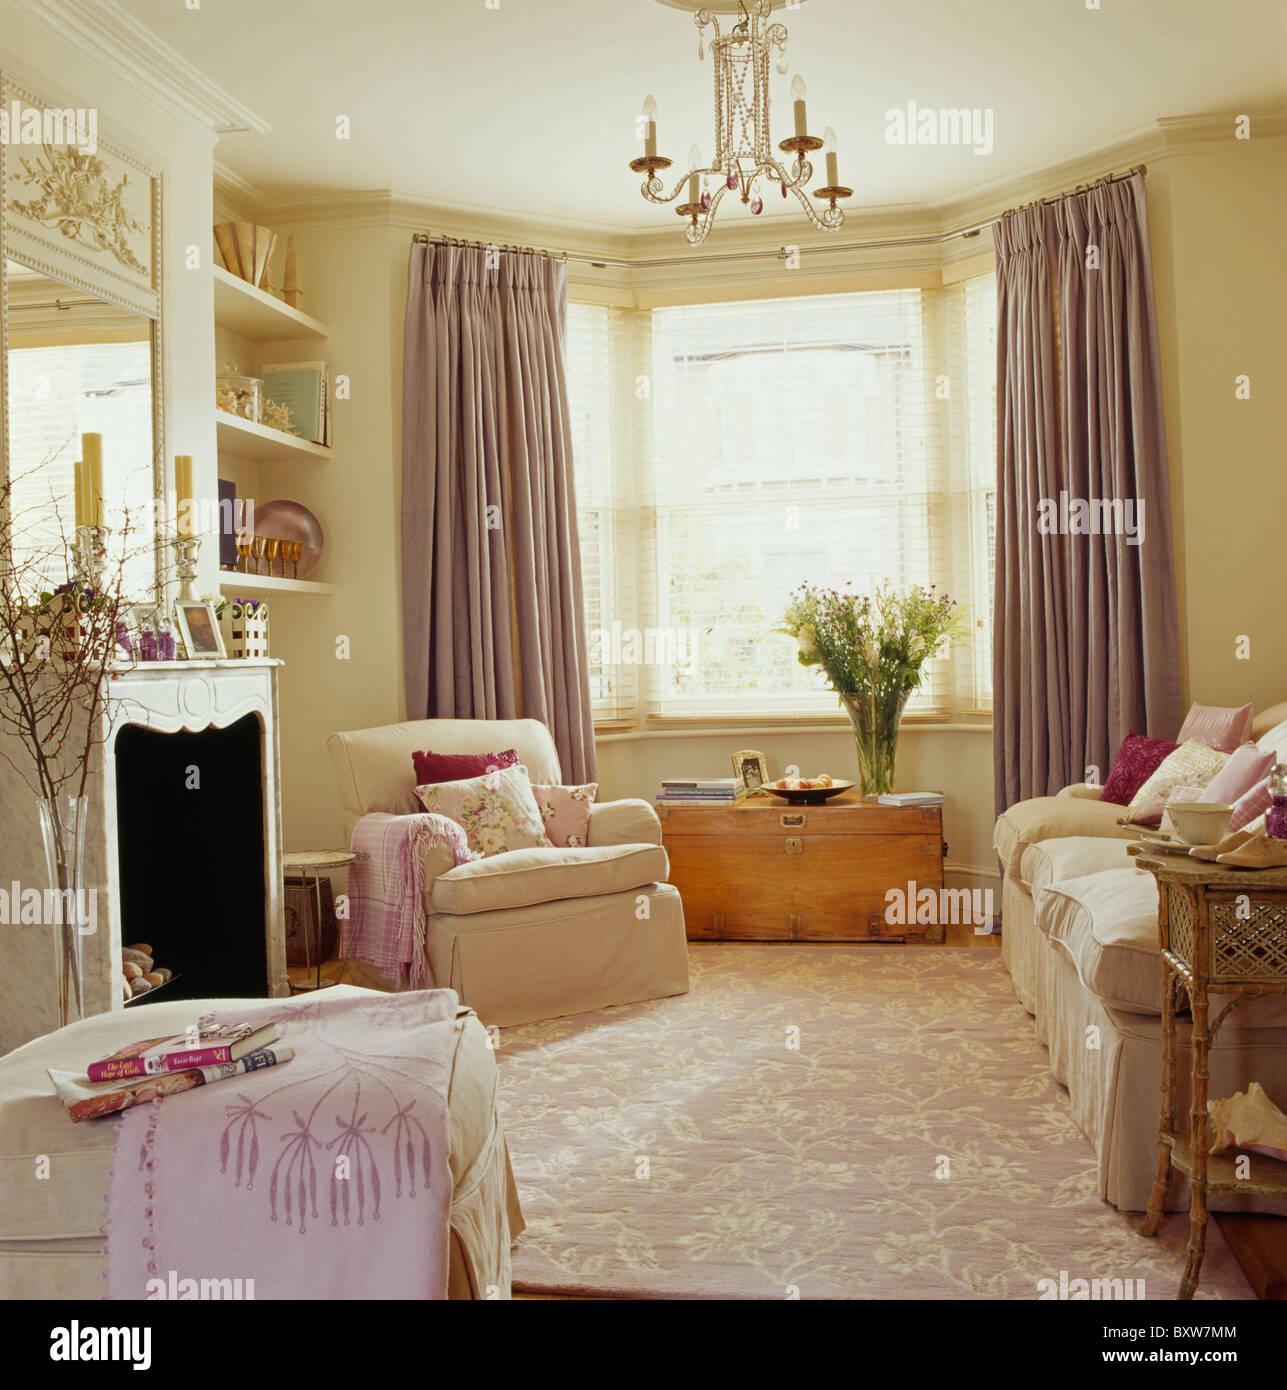 Creme Strukturierte Teppich In Creme Wohnzimmer Mit Blassen Lila Seide  Vorhänge Und Sahne Sofa Und Sessel